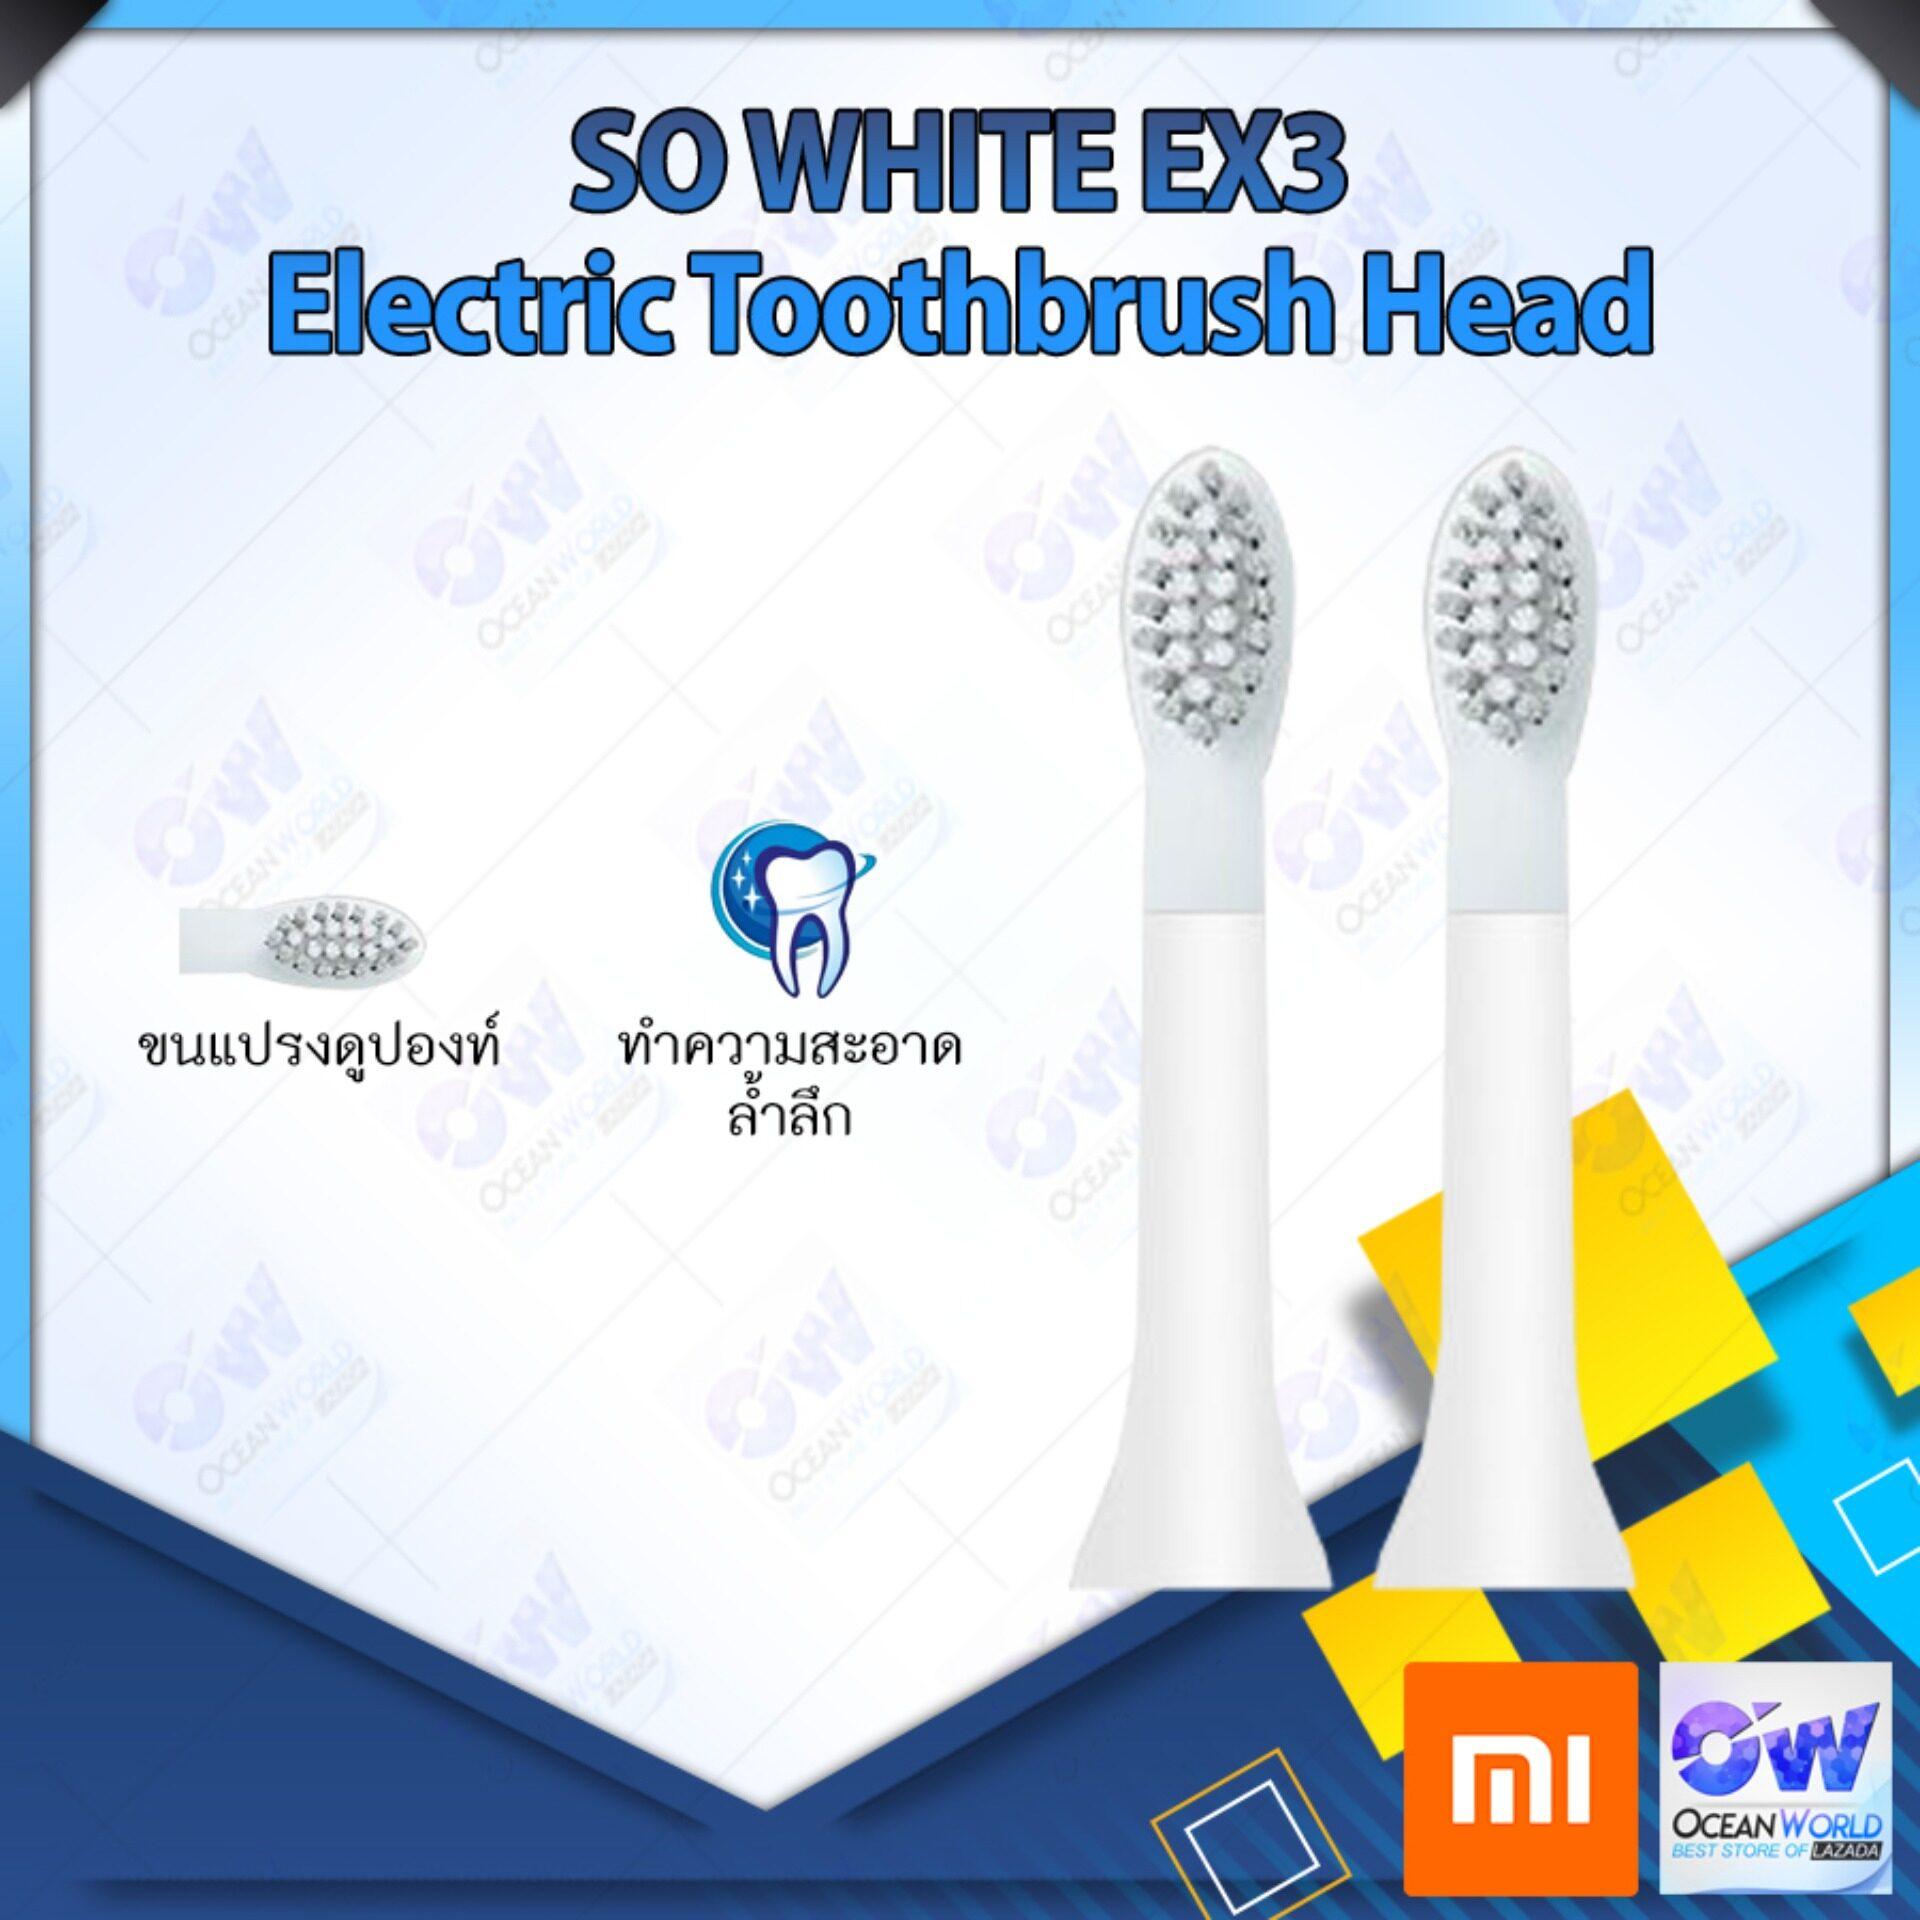 แปรงสีฟันไฟฟ้า ทำความสะอาดทุกซี่ฟันอย่างหมดจด พัทลุง Electric toothbrush head  พร้อมจัดส่ง  Xiaomi SO WHITE EX3   หัวแปรงสีฟันไฟฟ้า